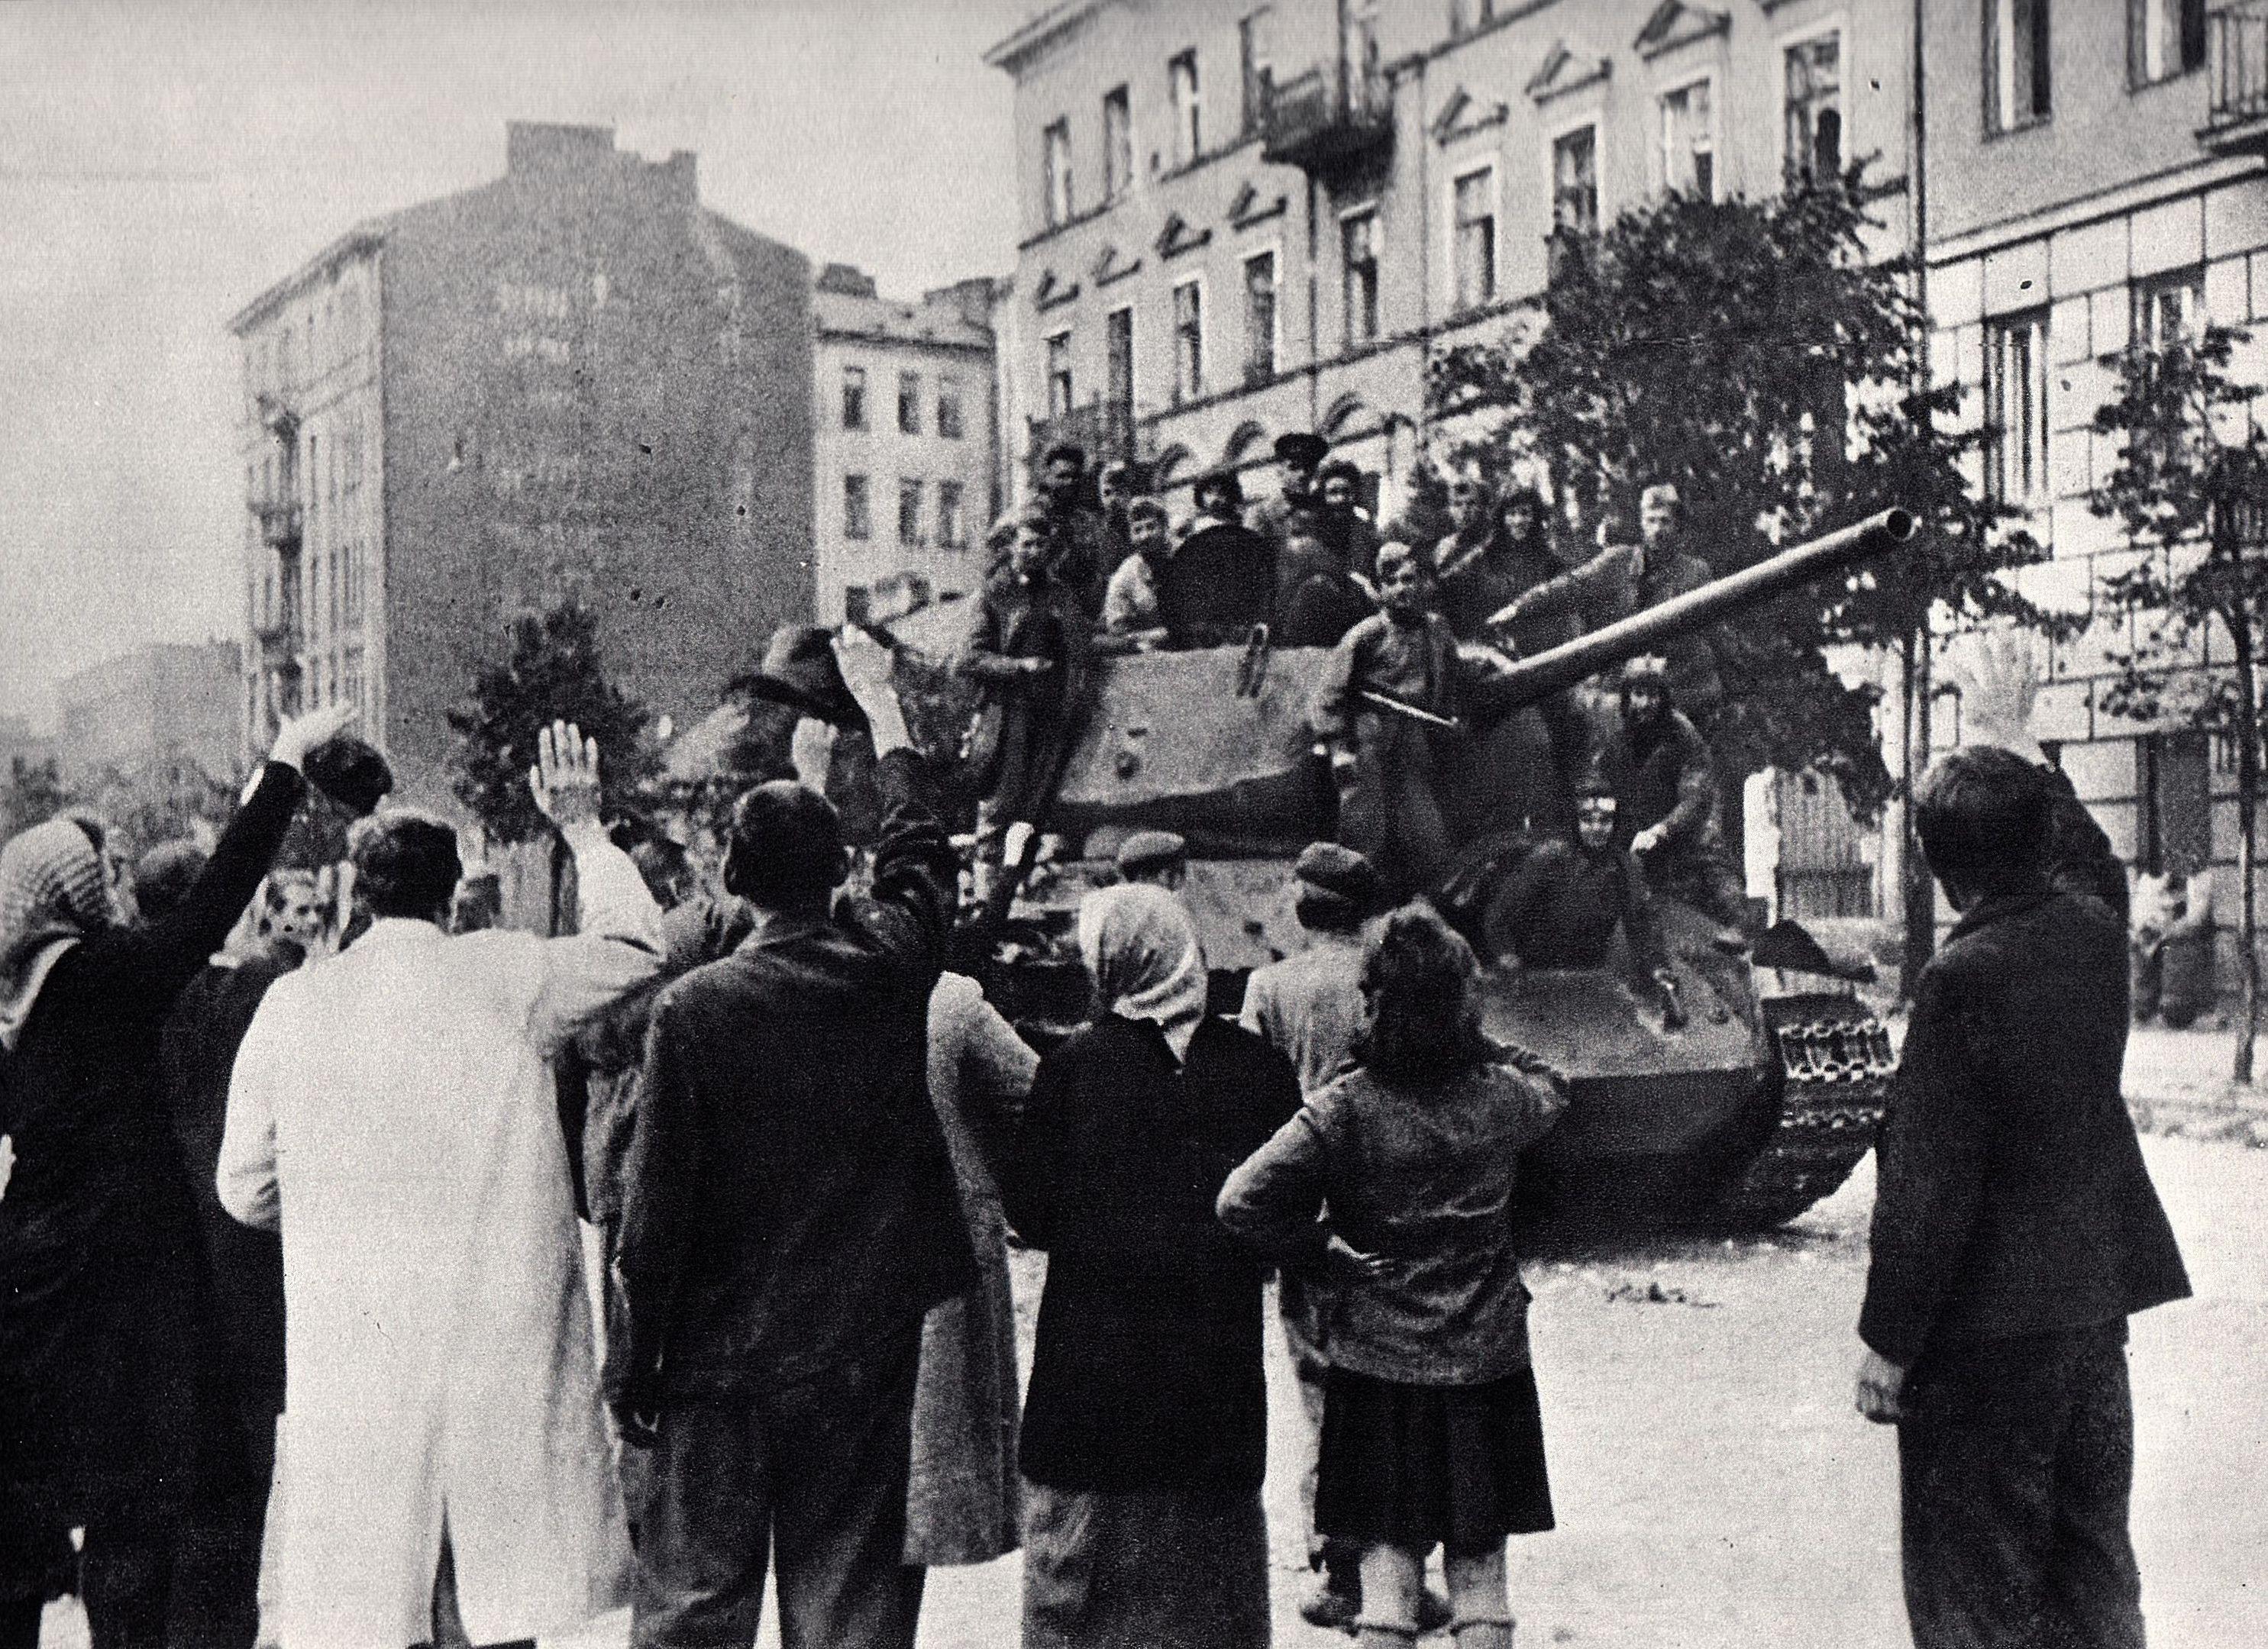 Walki O Warszawę 1944 Wikipedia Wolna Encyklopedia